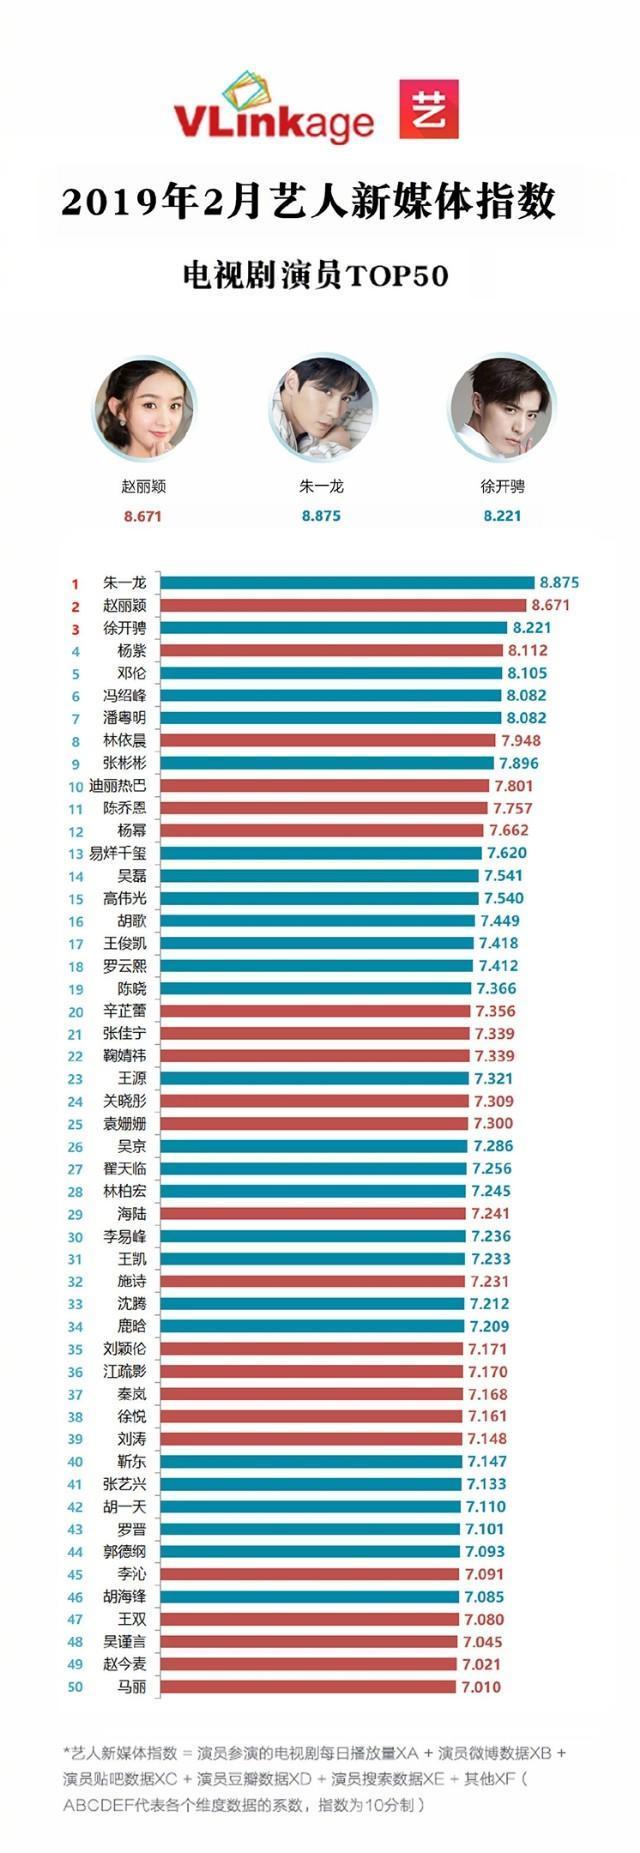 19年2月藝人新媒體指數電視劇演員TOP50,有你喜歡的嗎?